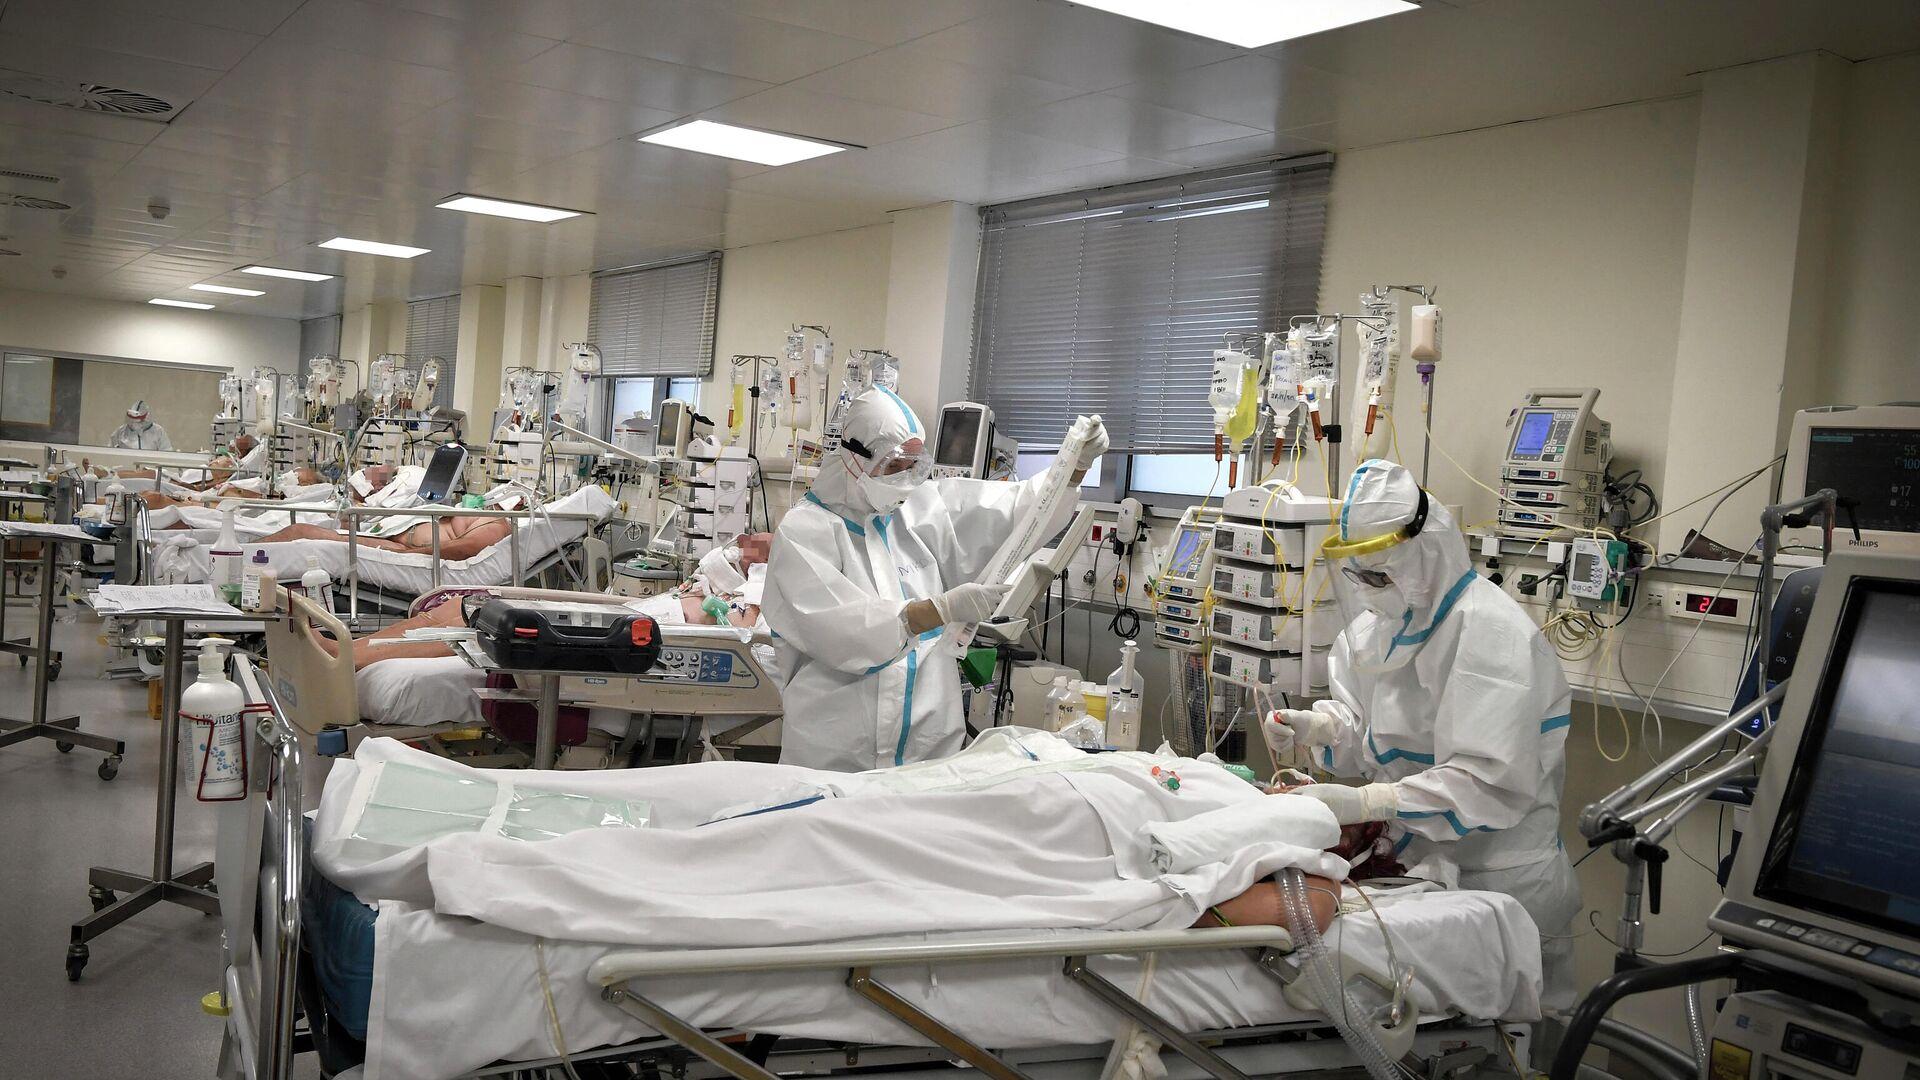 Νοσοκομείο - Sputnik Ελλάδα, 1920, 14.09.2021